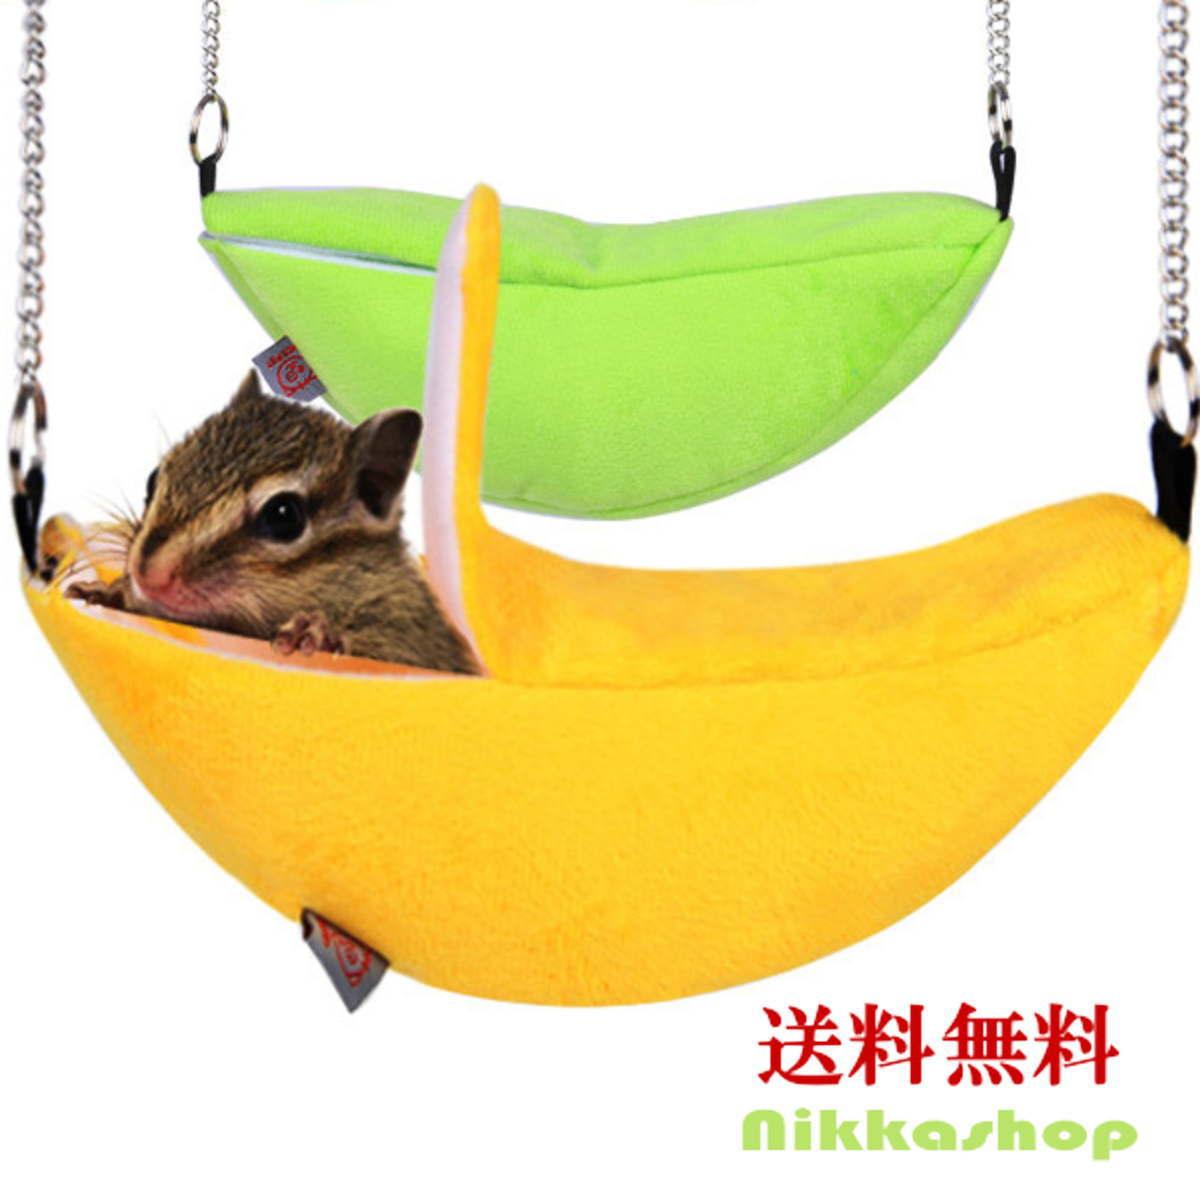 ペットベッド 冬 小動物 超小型犬 猫 バナナベッド 2カラー【あったか 暖かい おすすめ ペットベッド クッションベッド】【メール便】